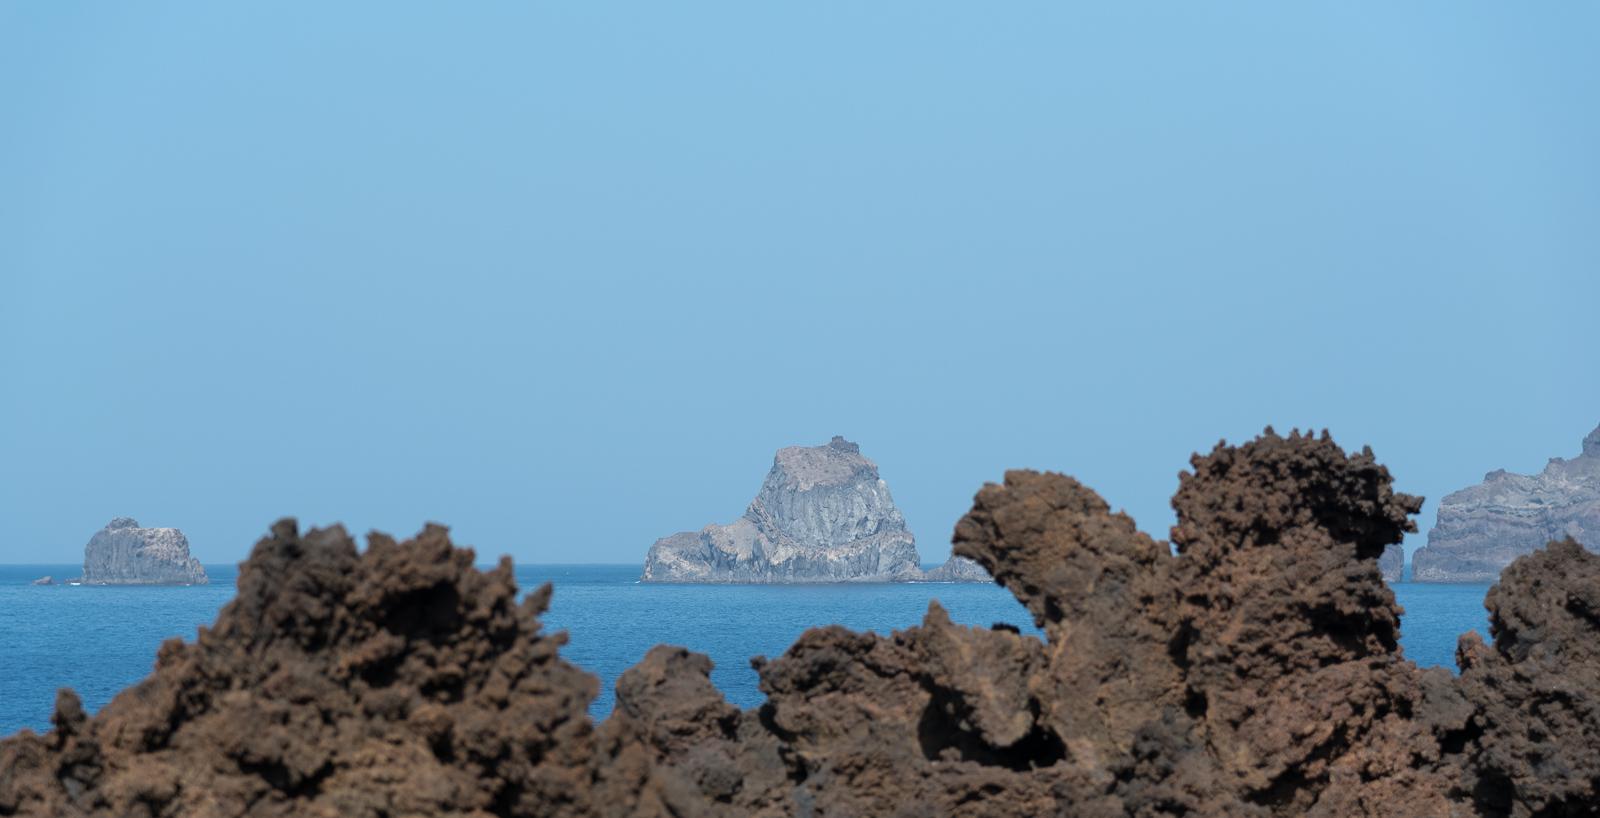 Roque de Salmor